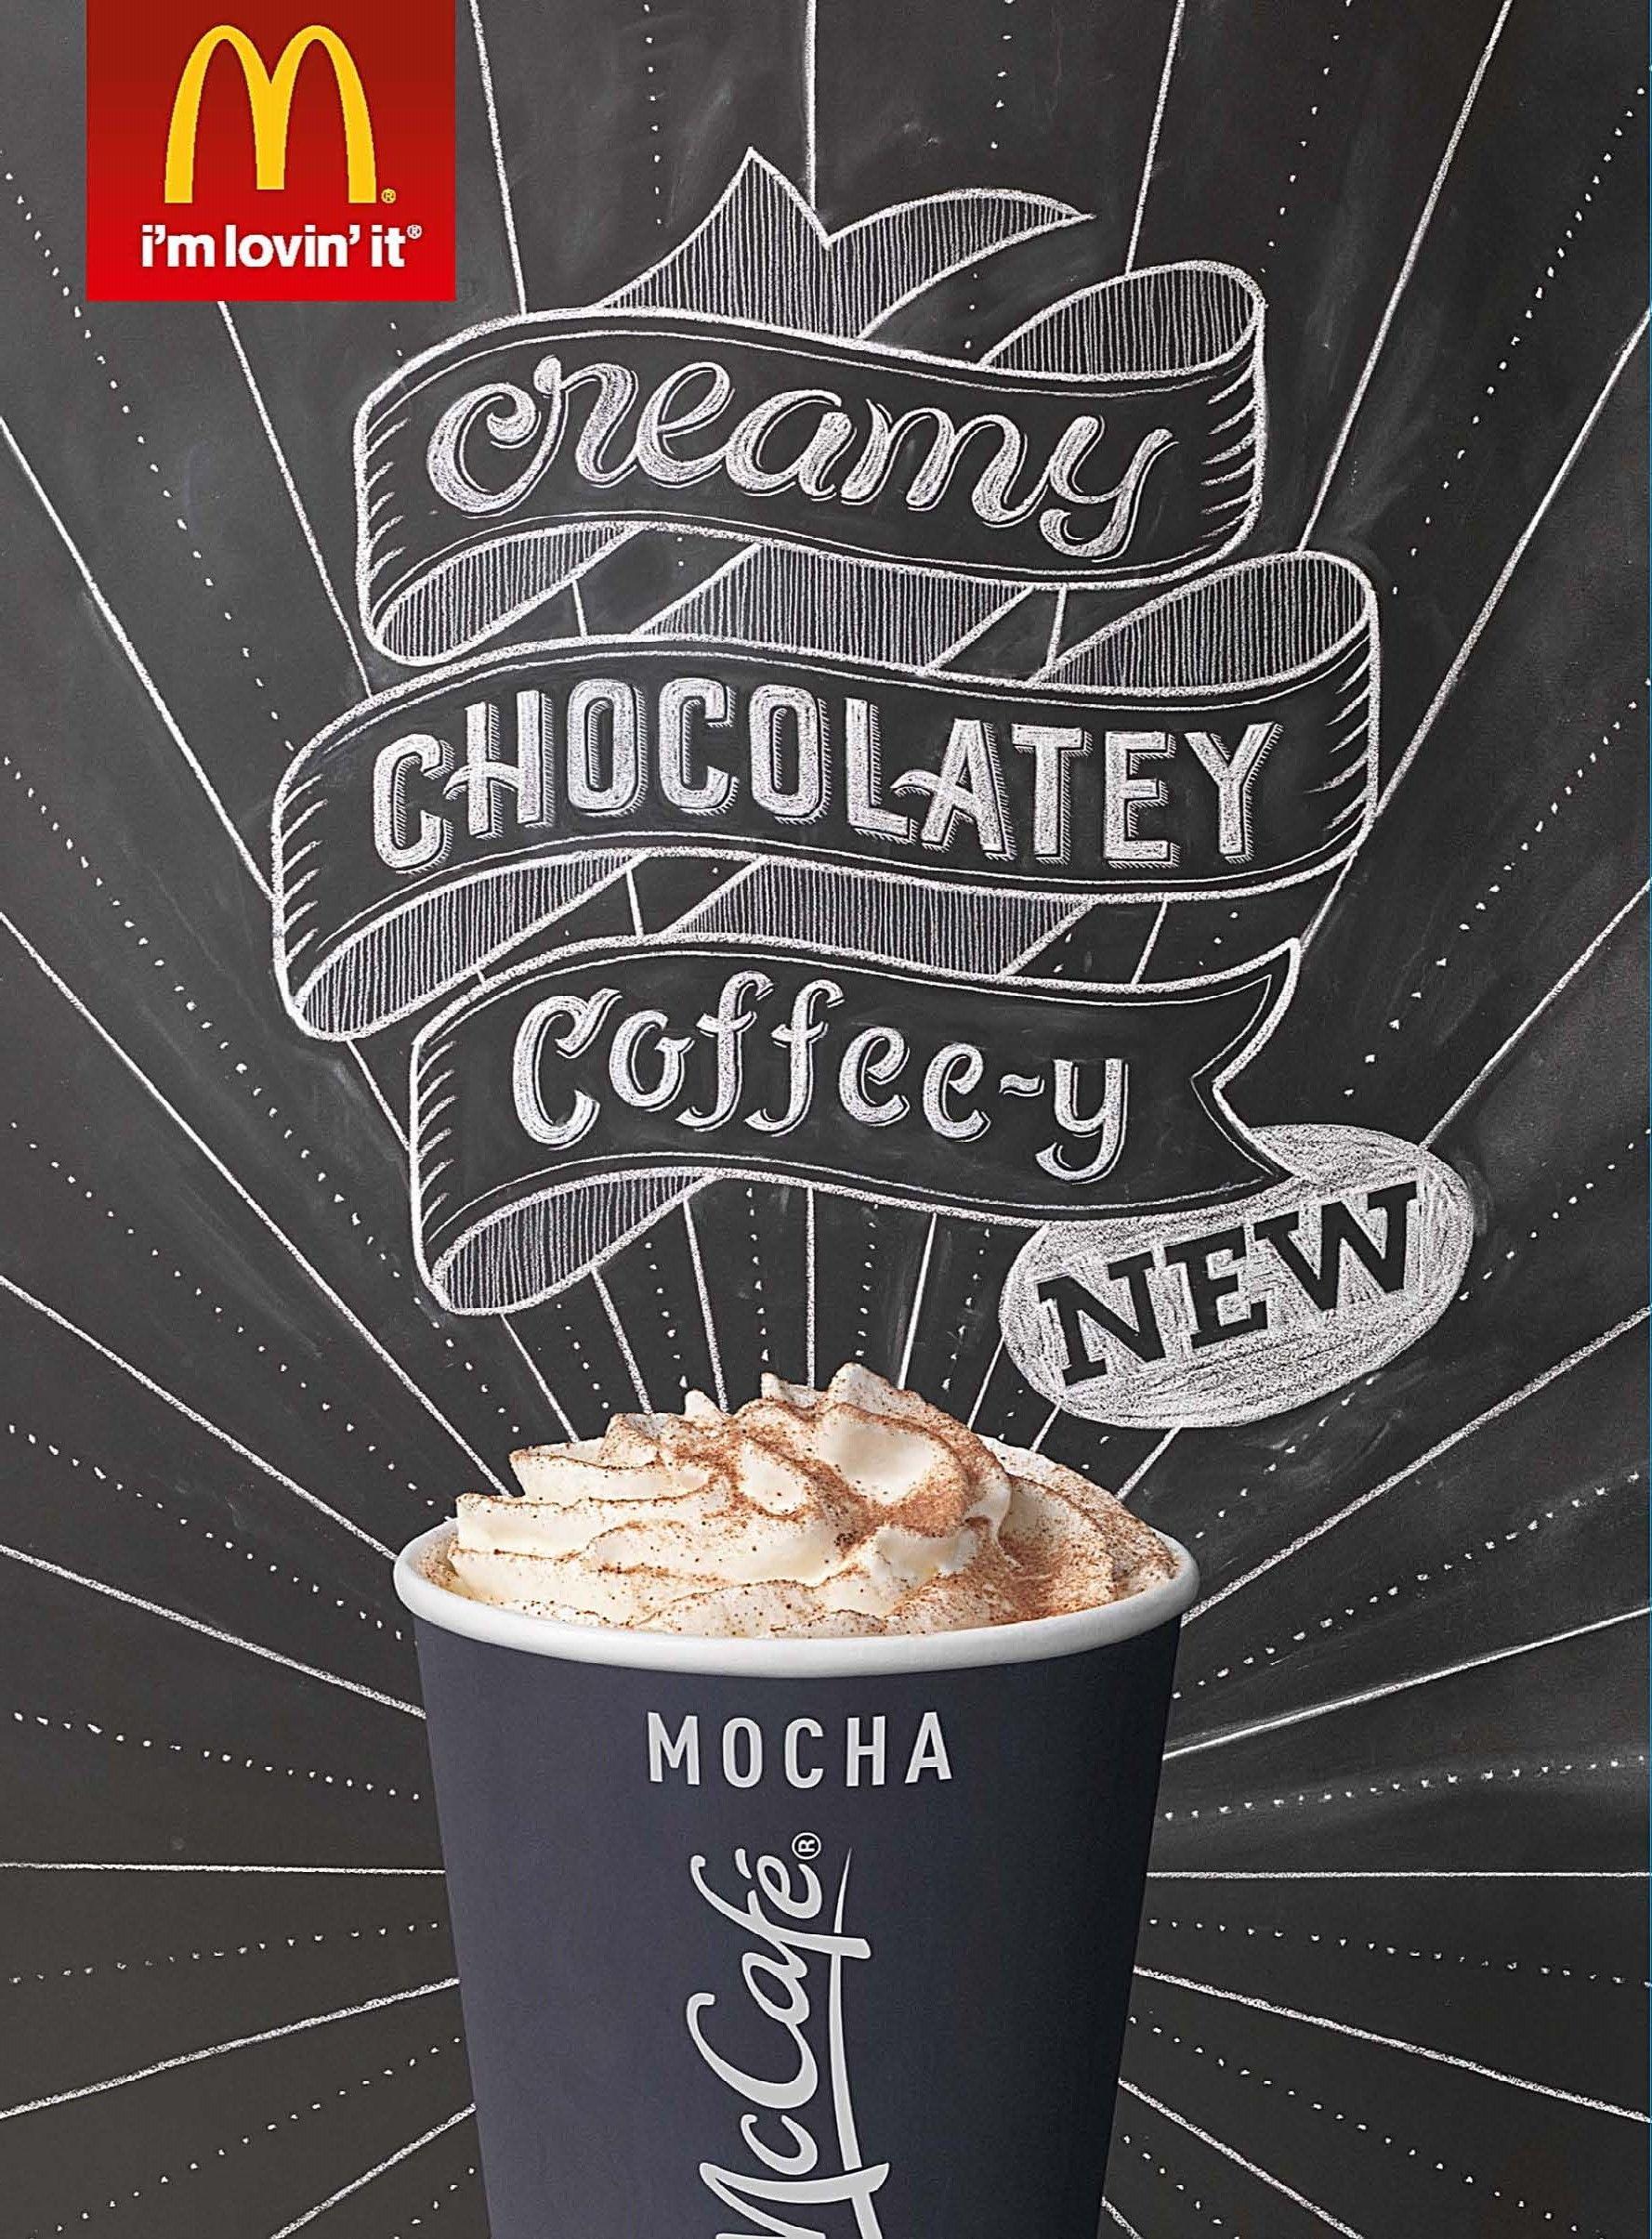 Alison Carmichael x McDonalds alisoncarmichael coffee